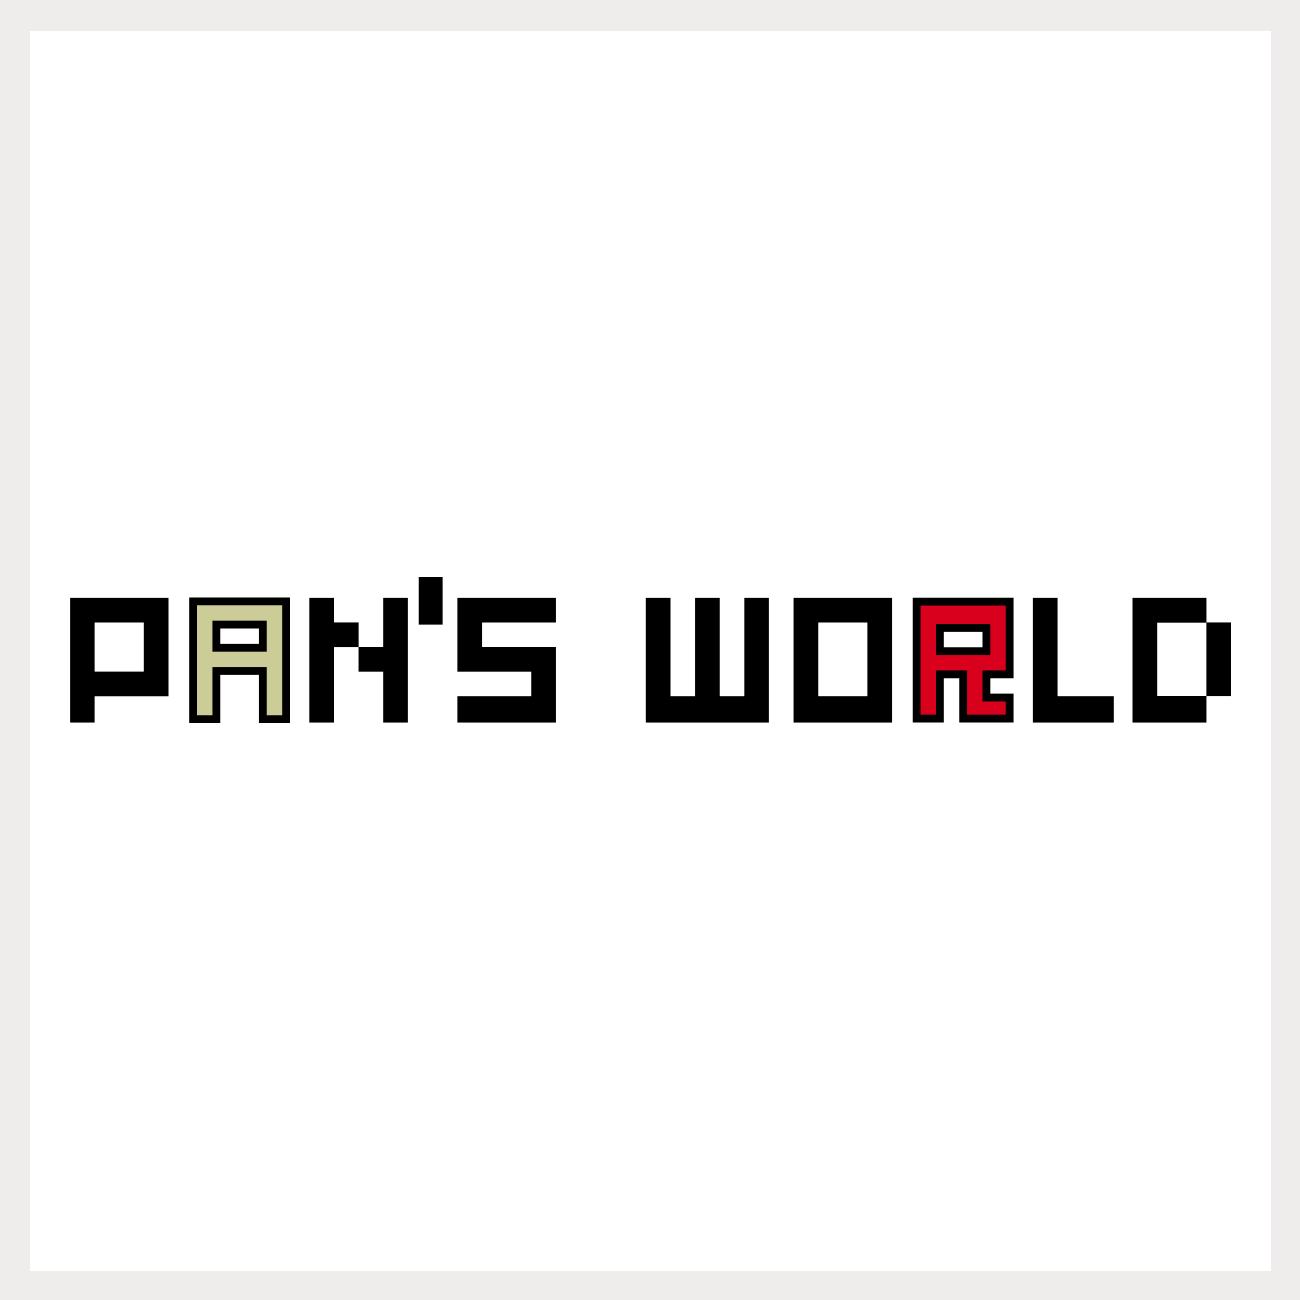 Logo voor PansWorld